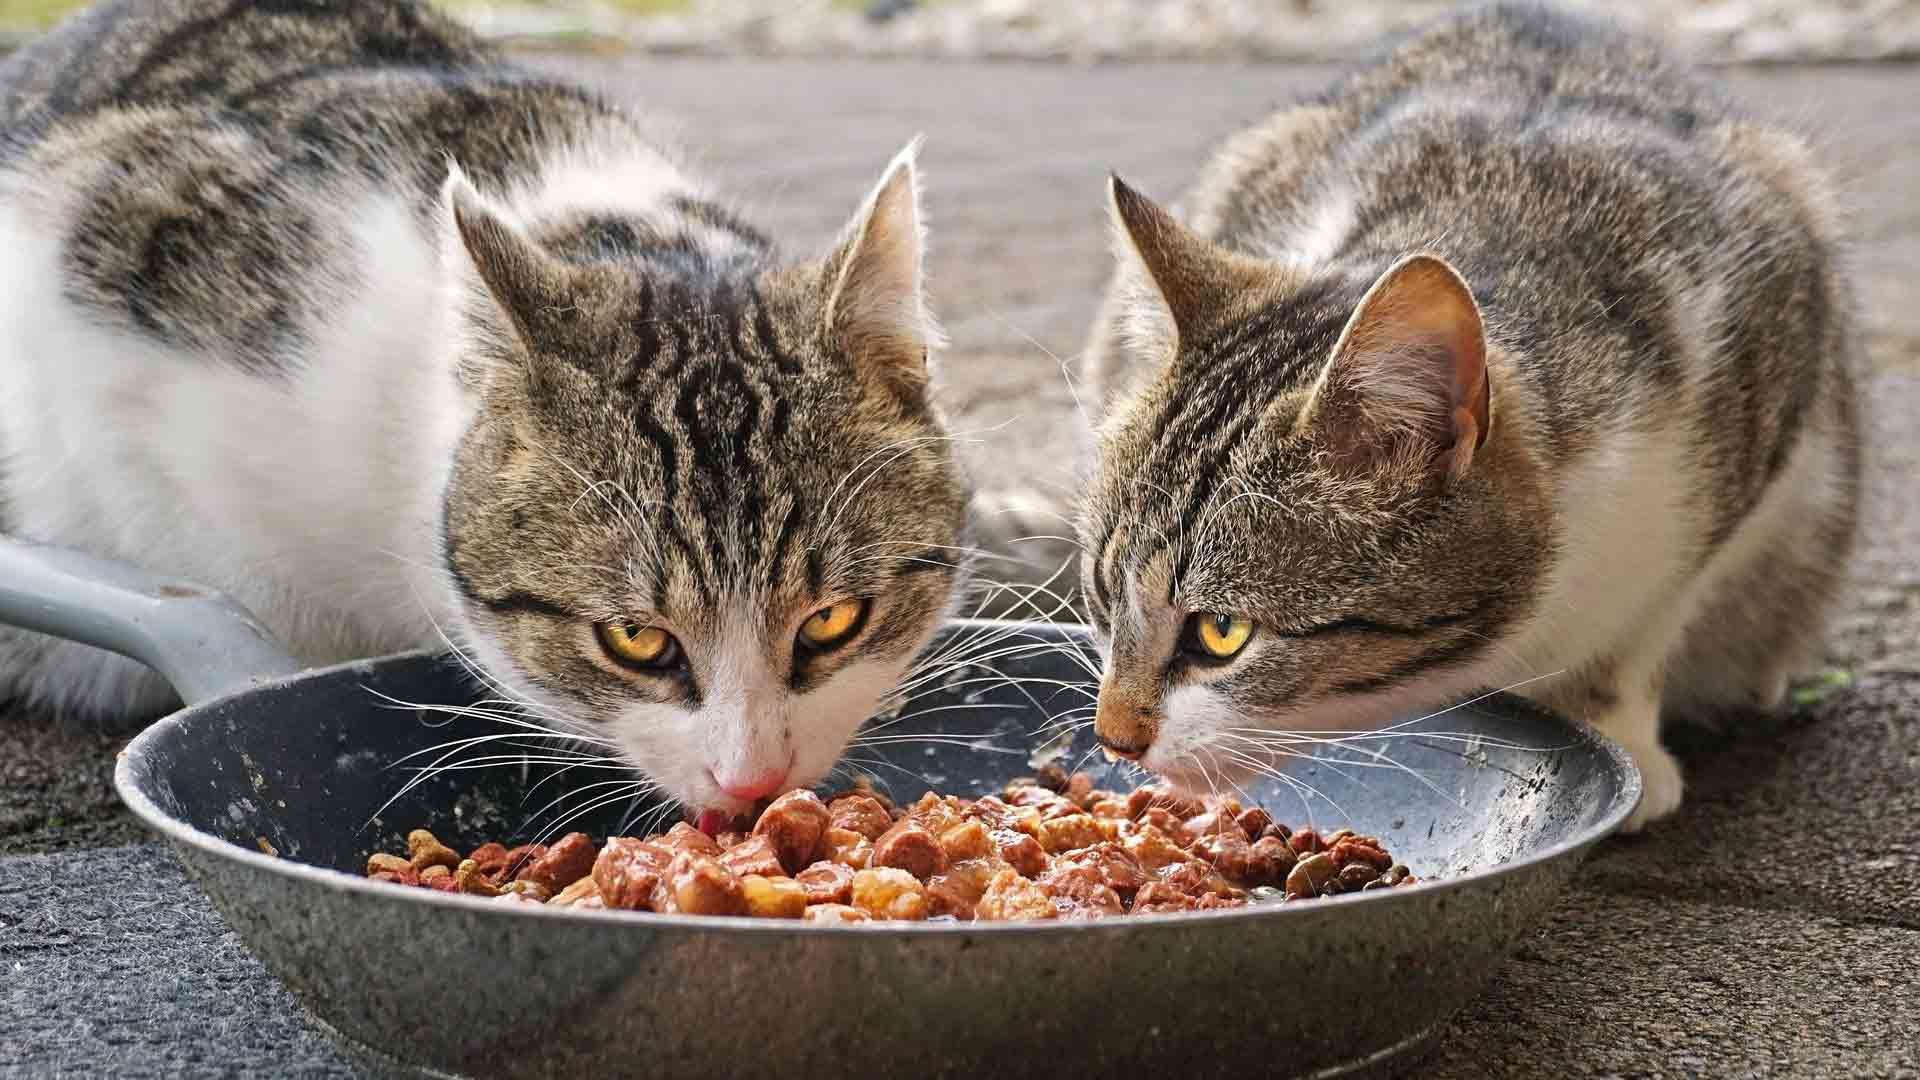 alimentazione-del-gatto-comprata-o-fatta-in-casa-6